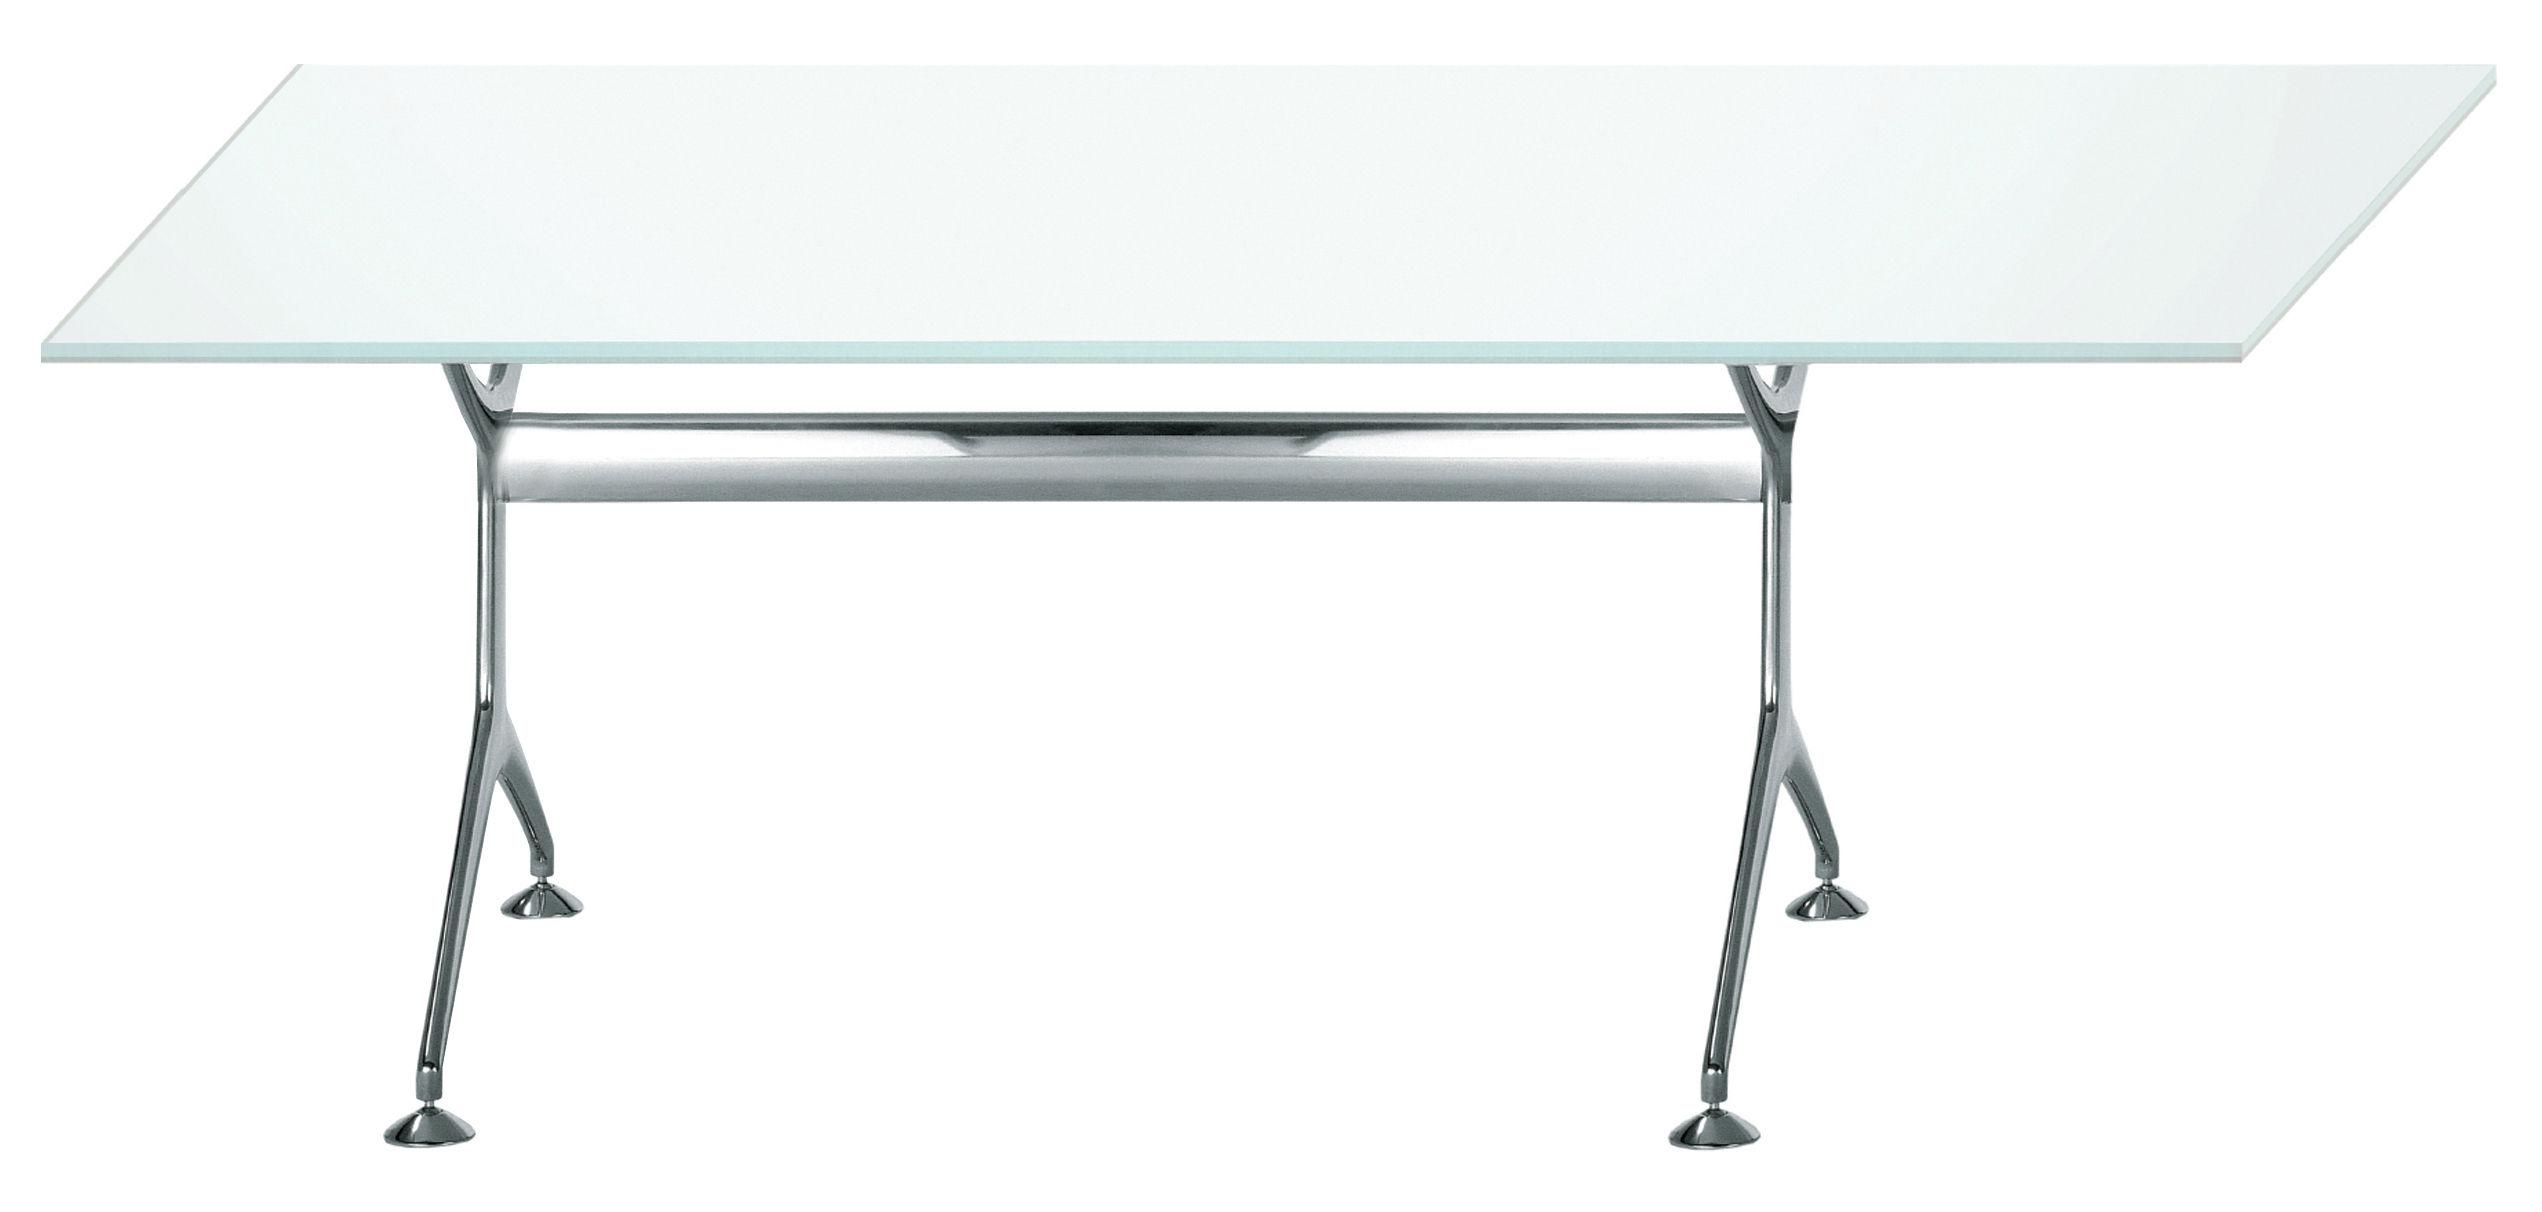 Mobilier - Bureaux - Table Frametable / 160 x 80 cm - Alias - Structure en aluminium poli / Plateau en verre - Aluminium poli, Verre